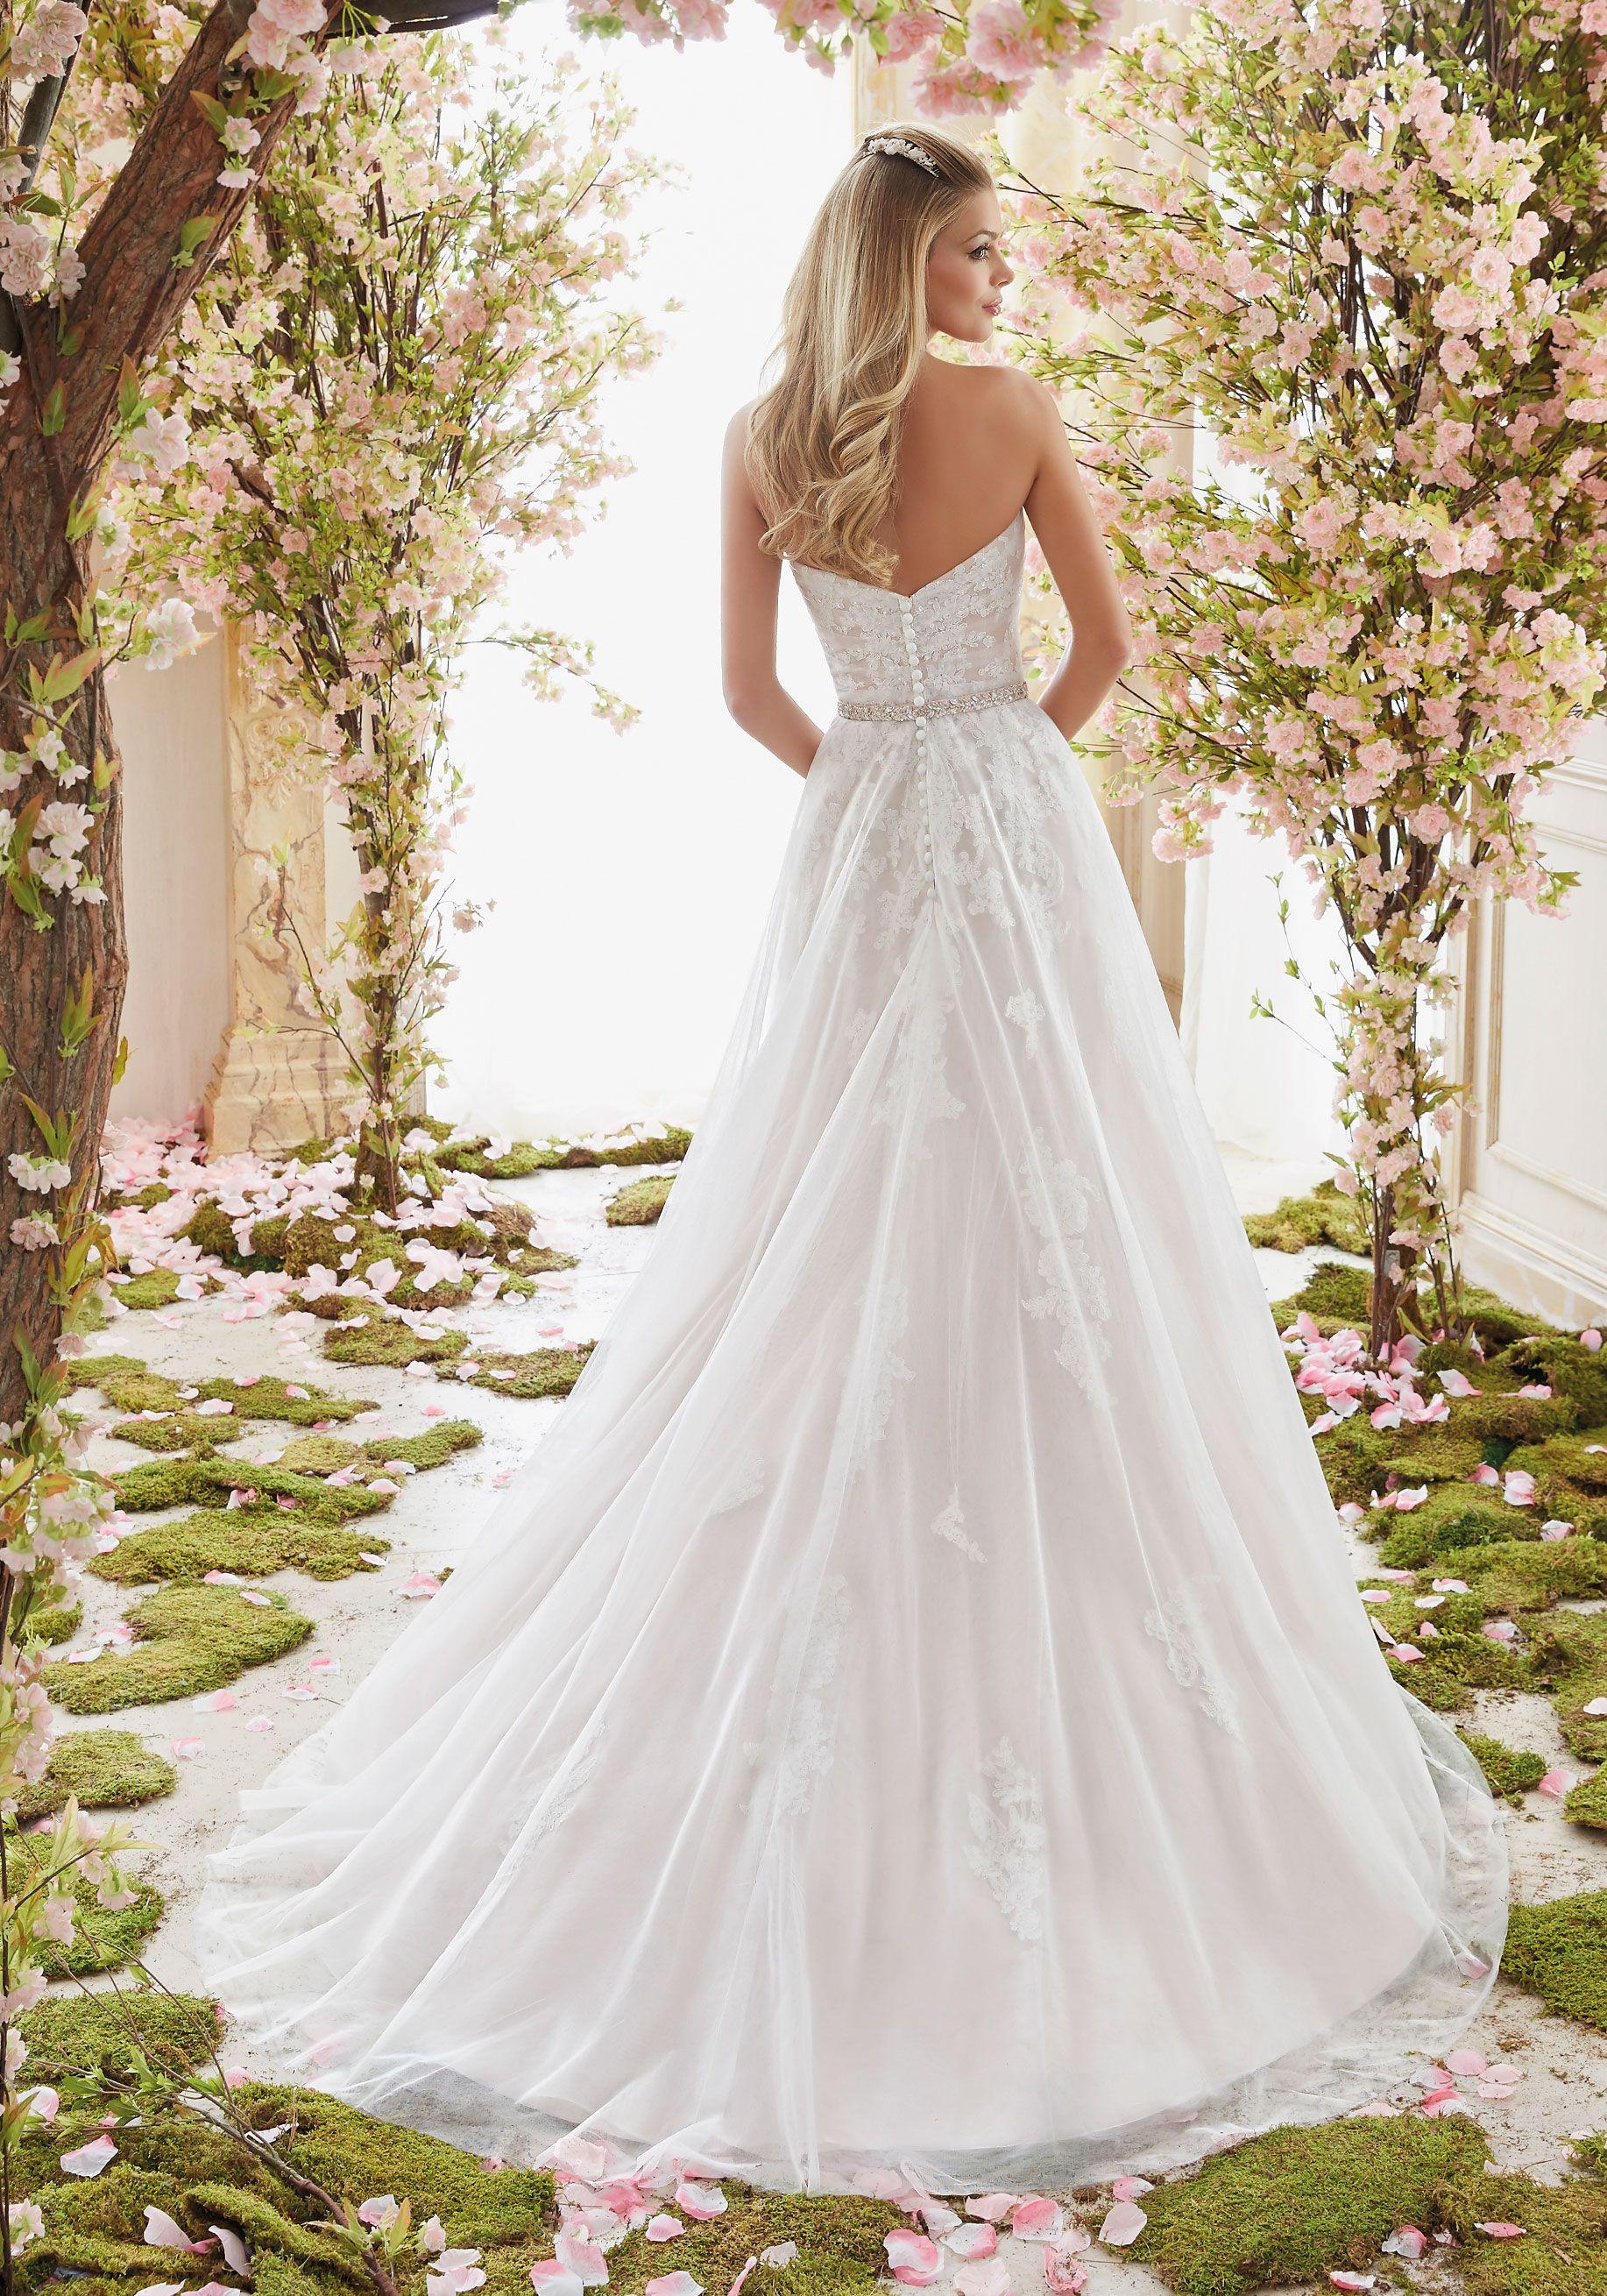 Morilee Bridal Madeline Gardner Romantic Soft Tulle